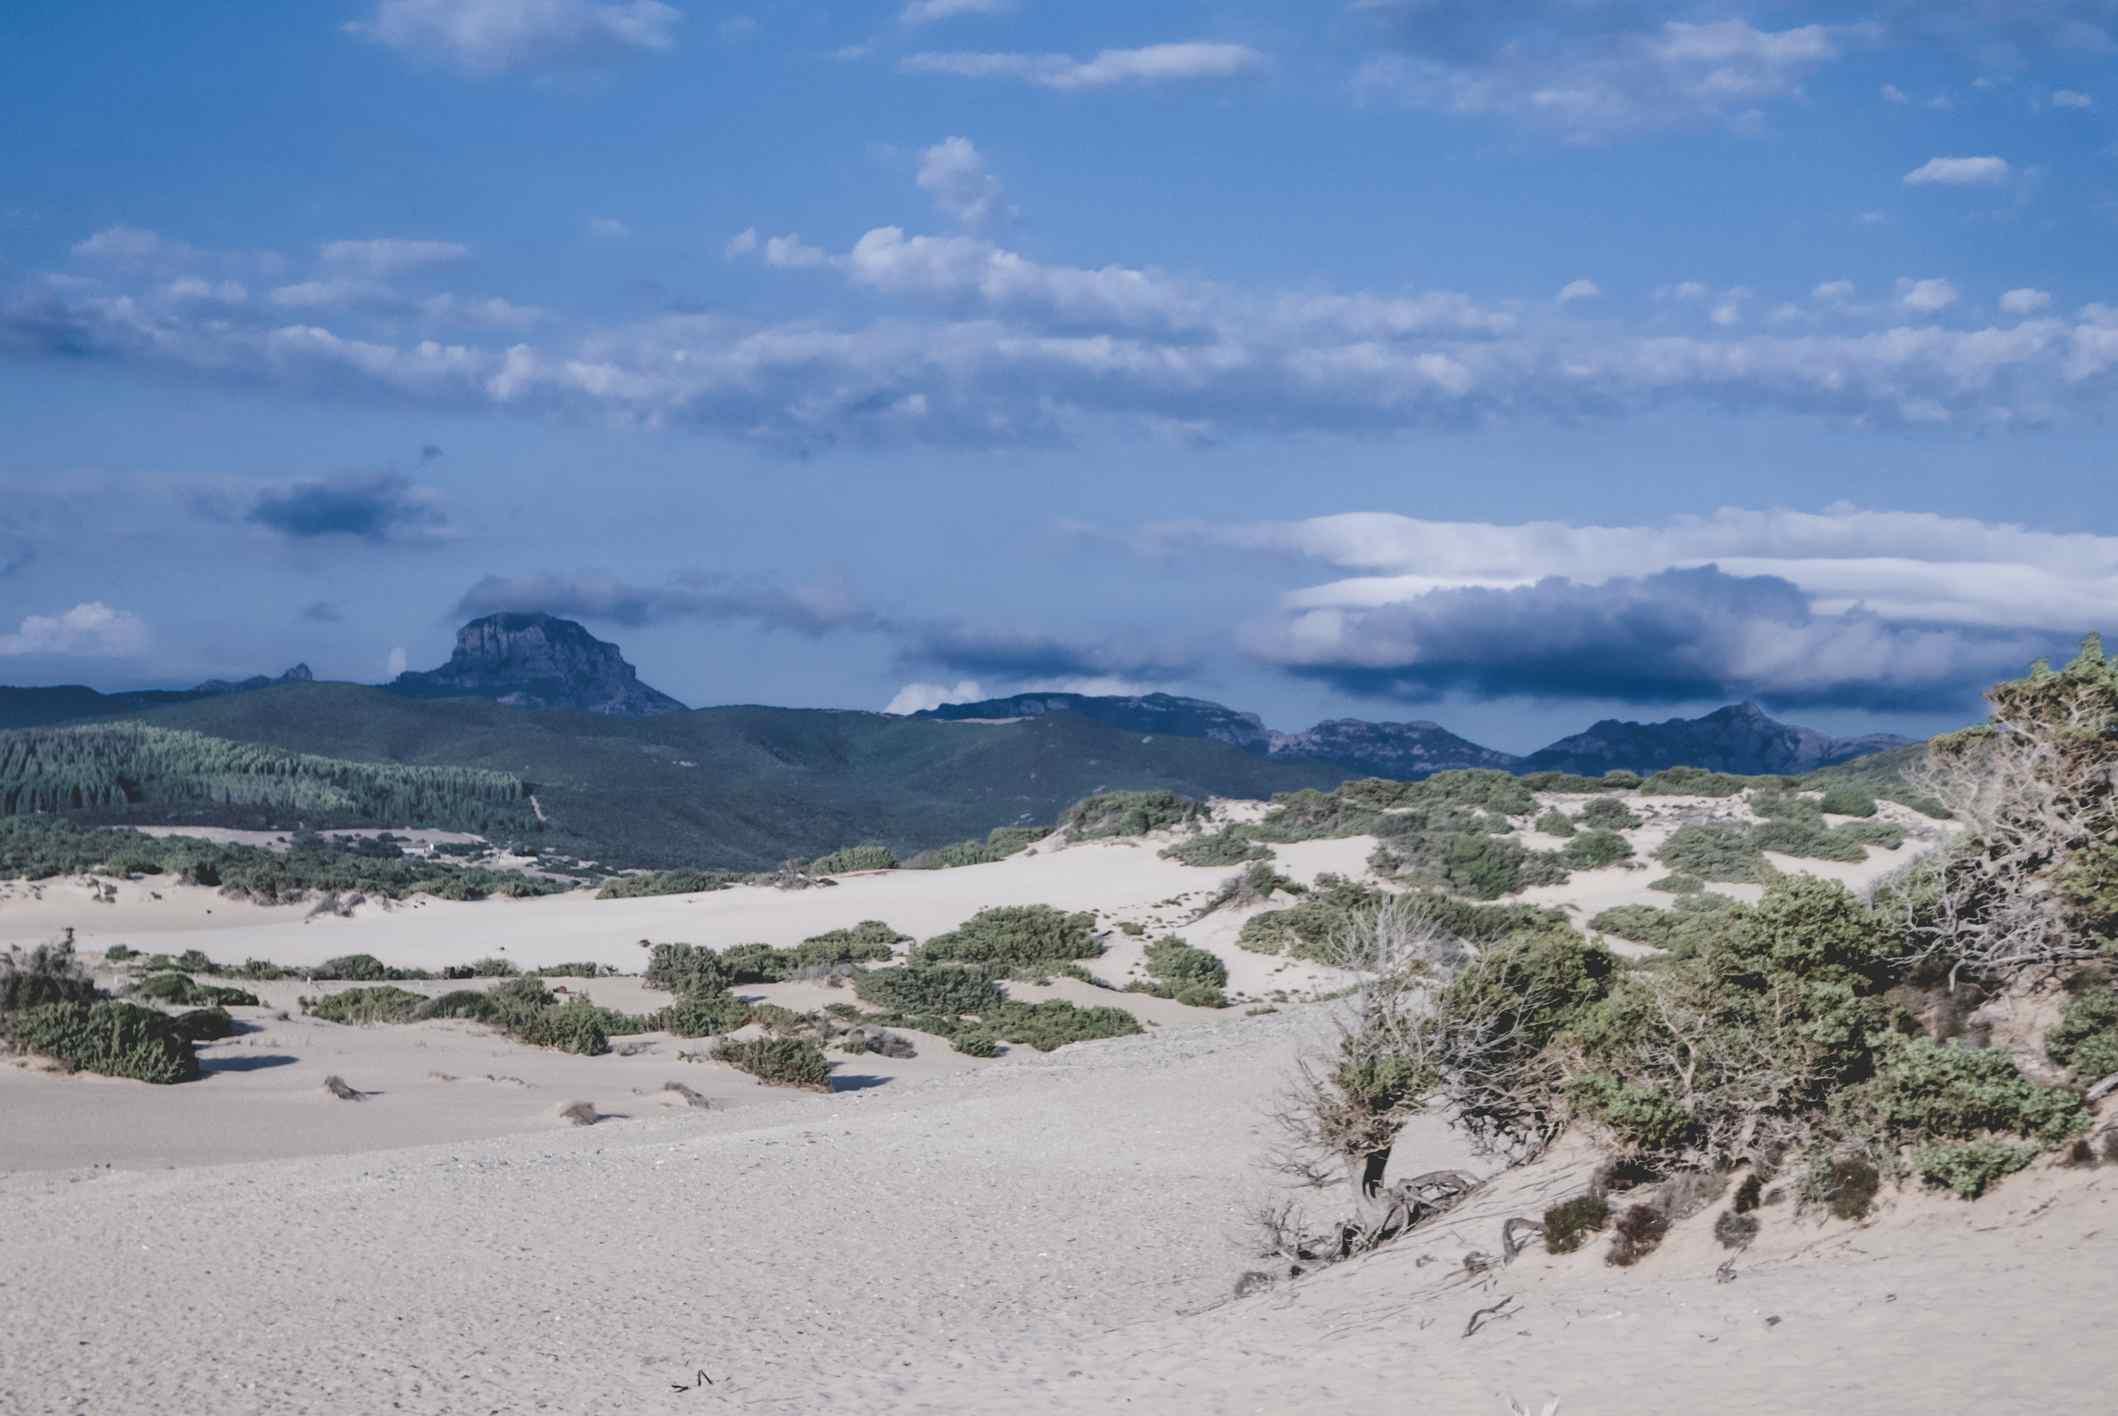 Piscinas dunes Sardinia